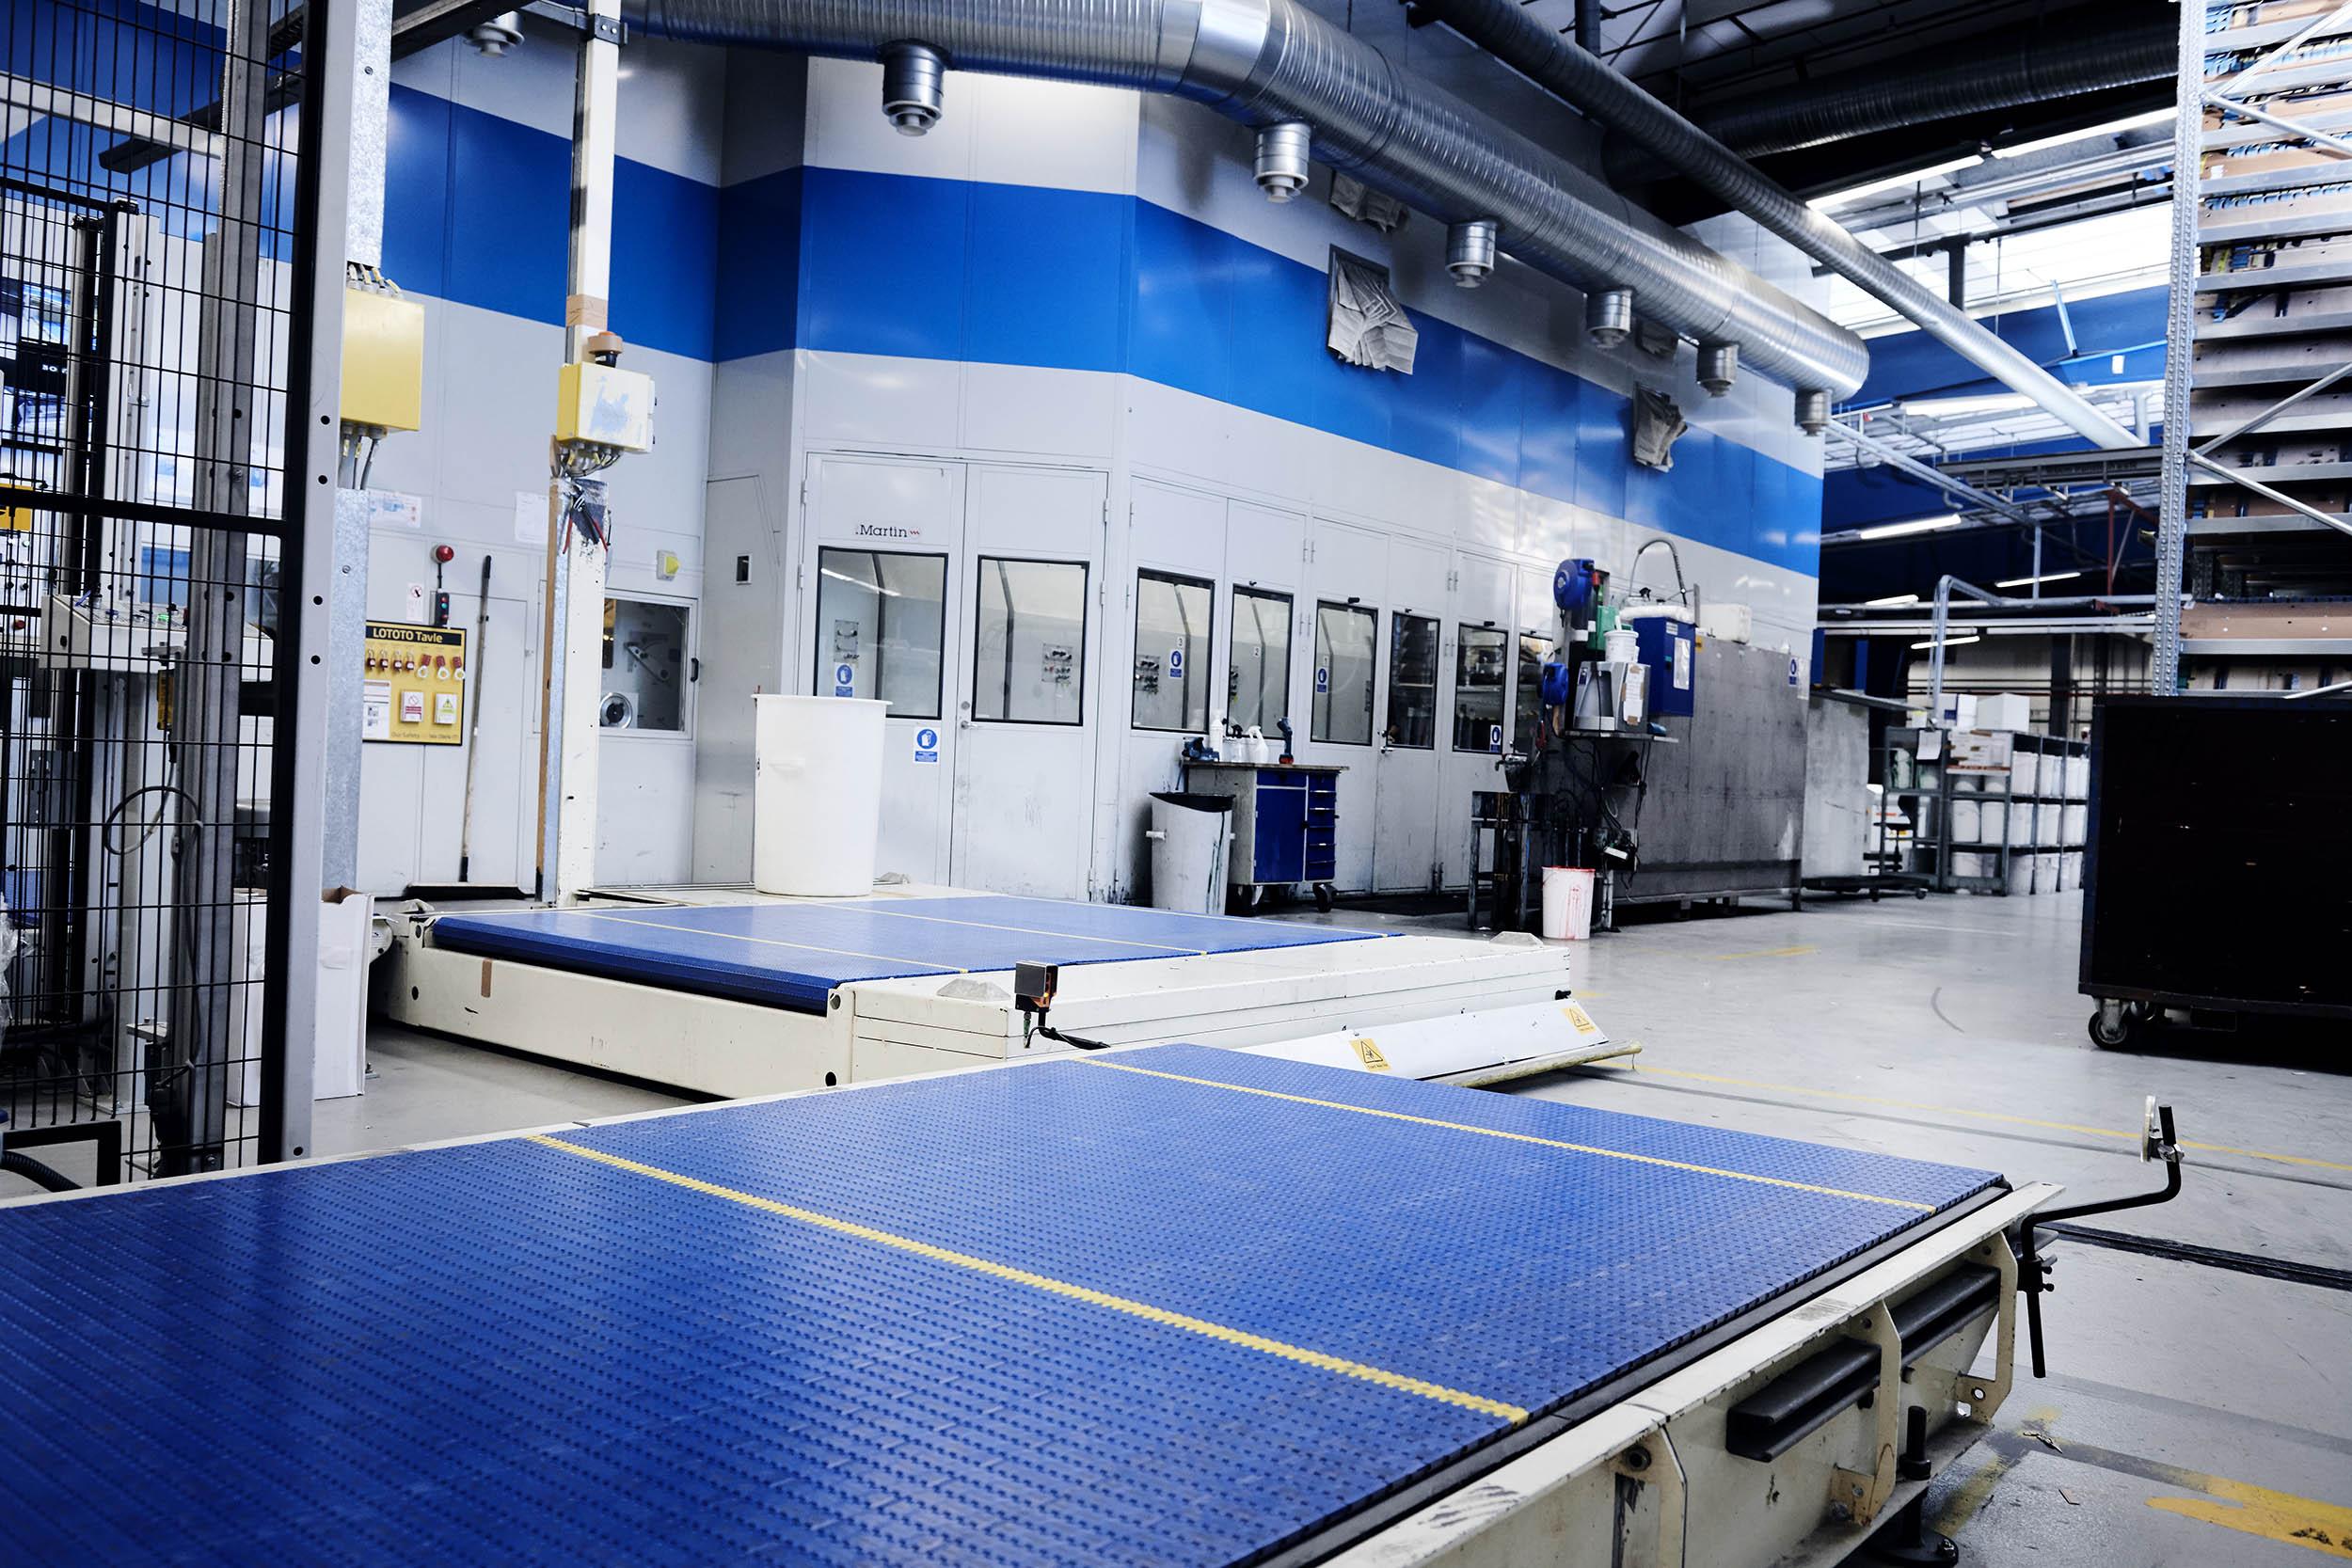 Gulv til loft indkapsling af produktionsanlæg med døre, vinduer, port mv.